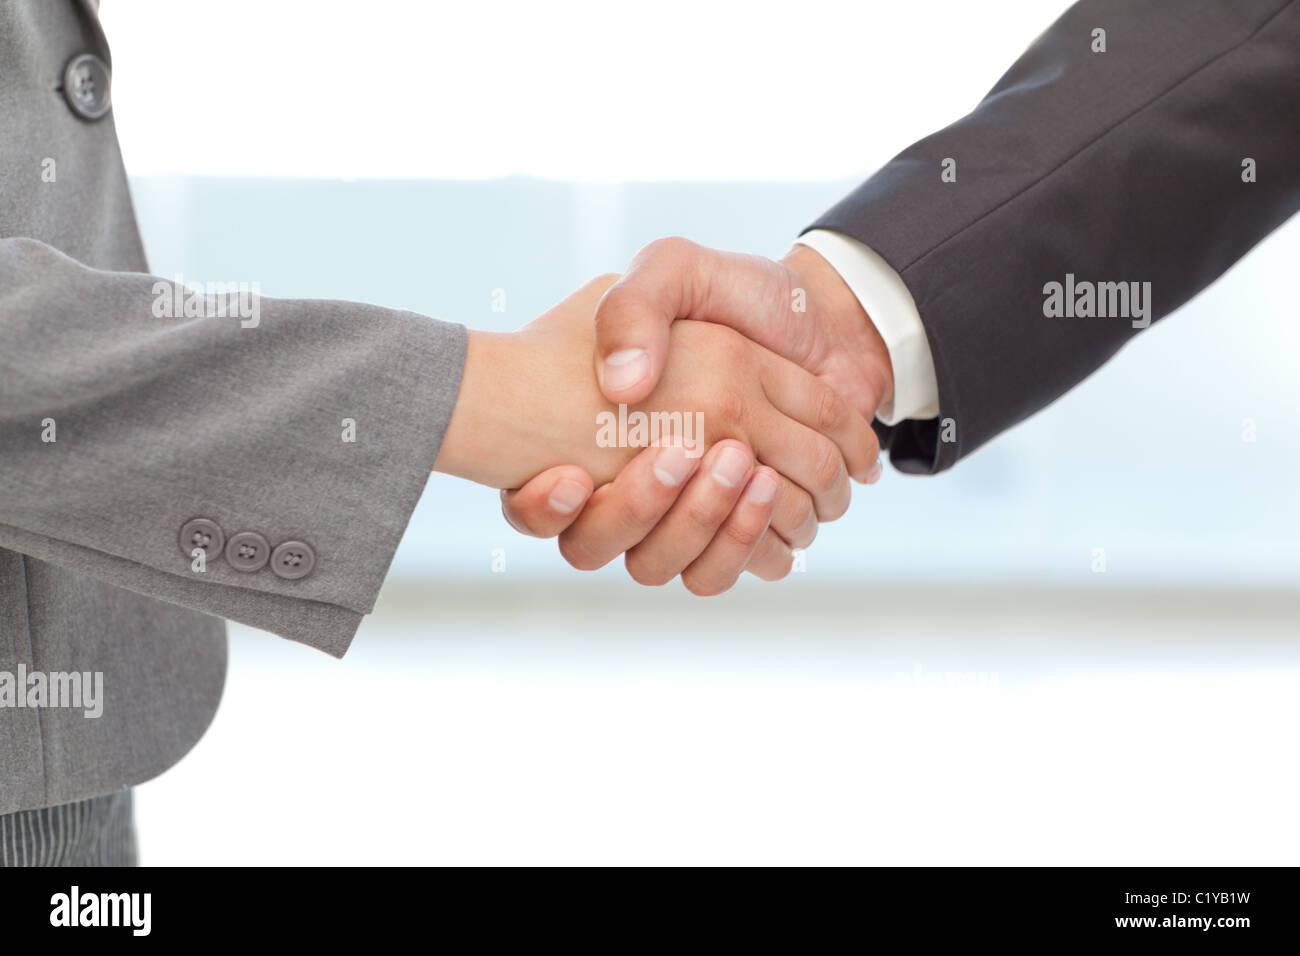 Handshake between two business people - Stock Image